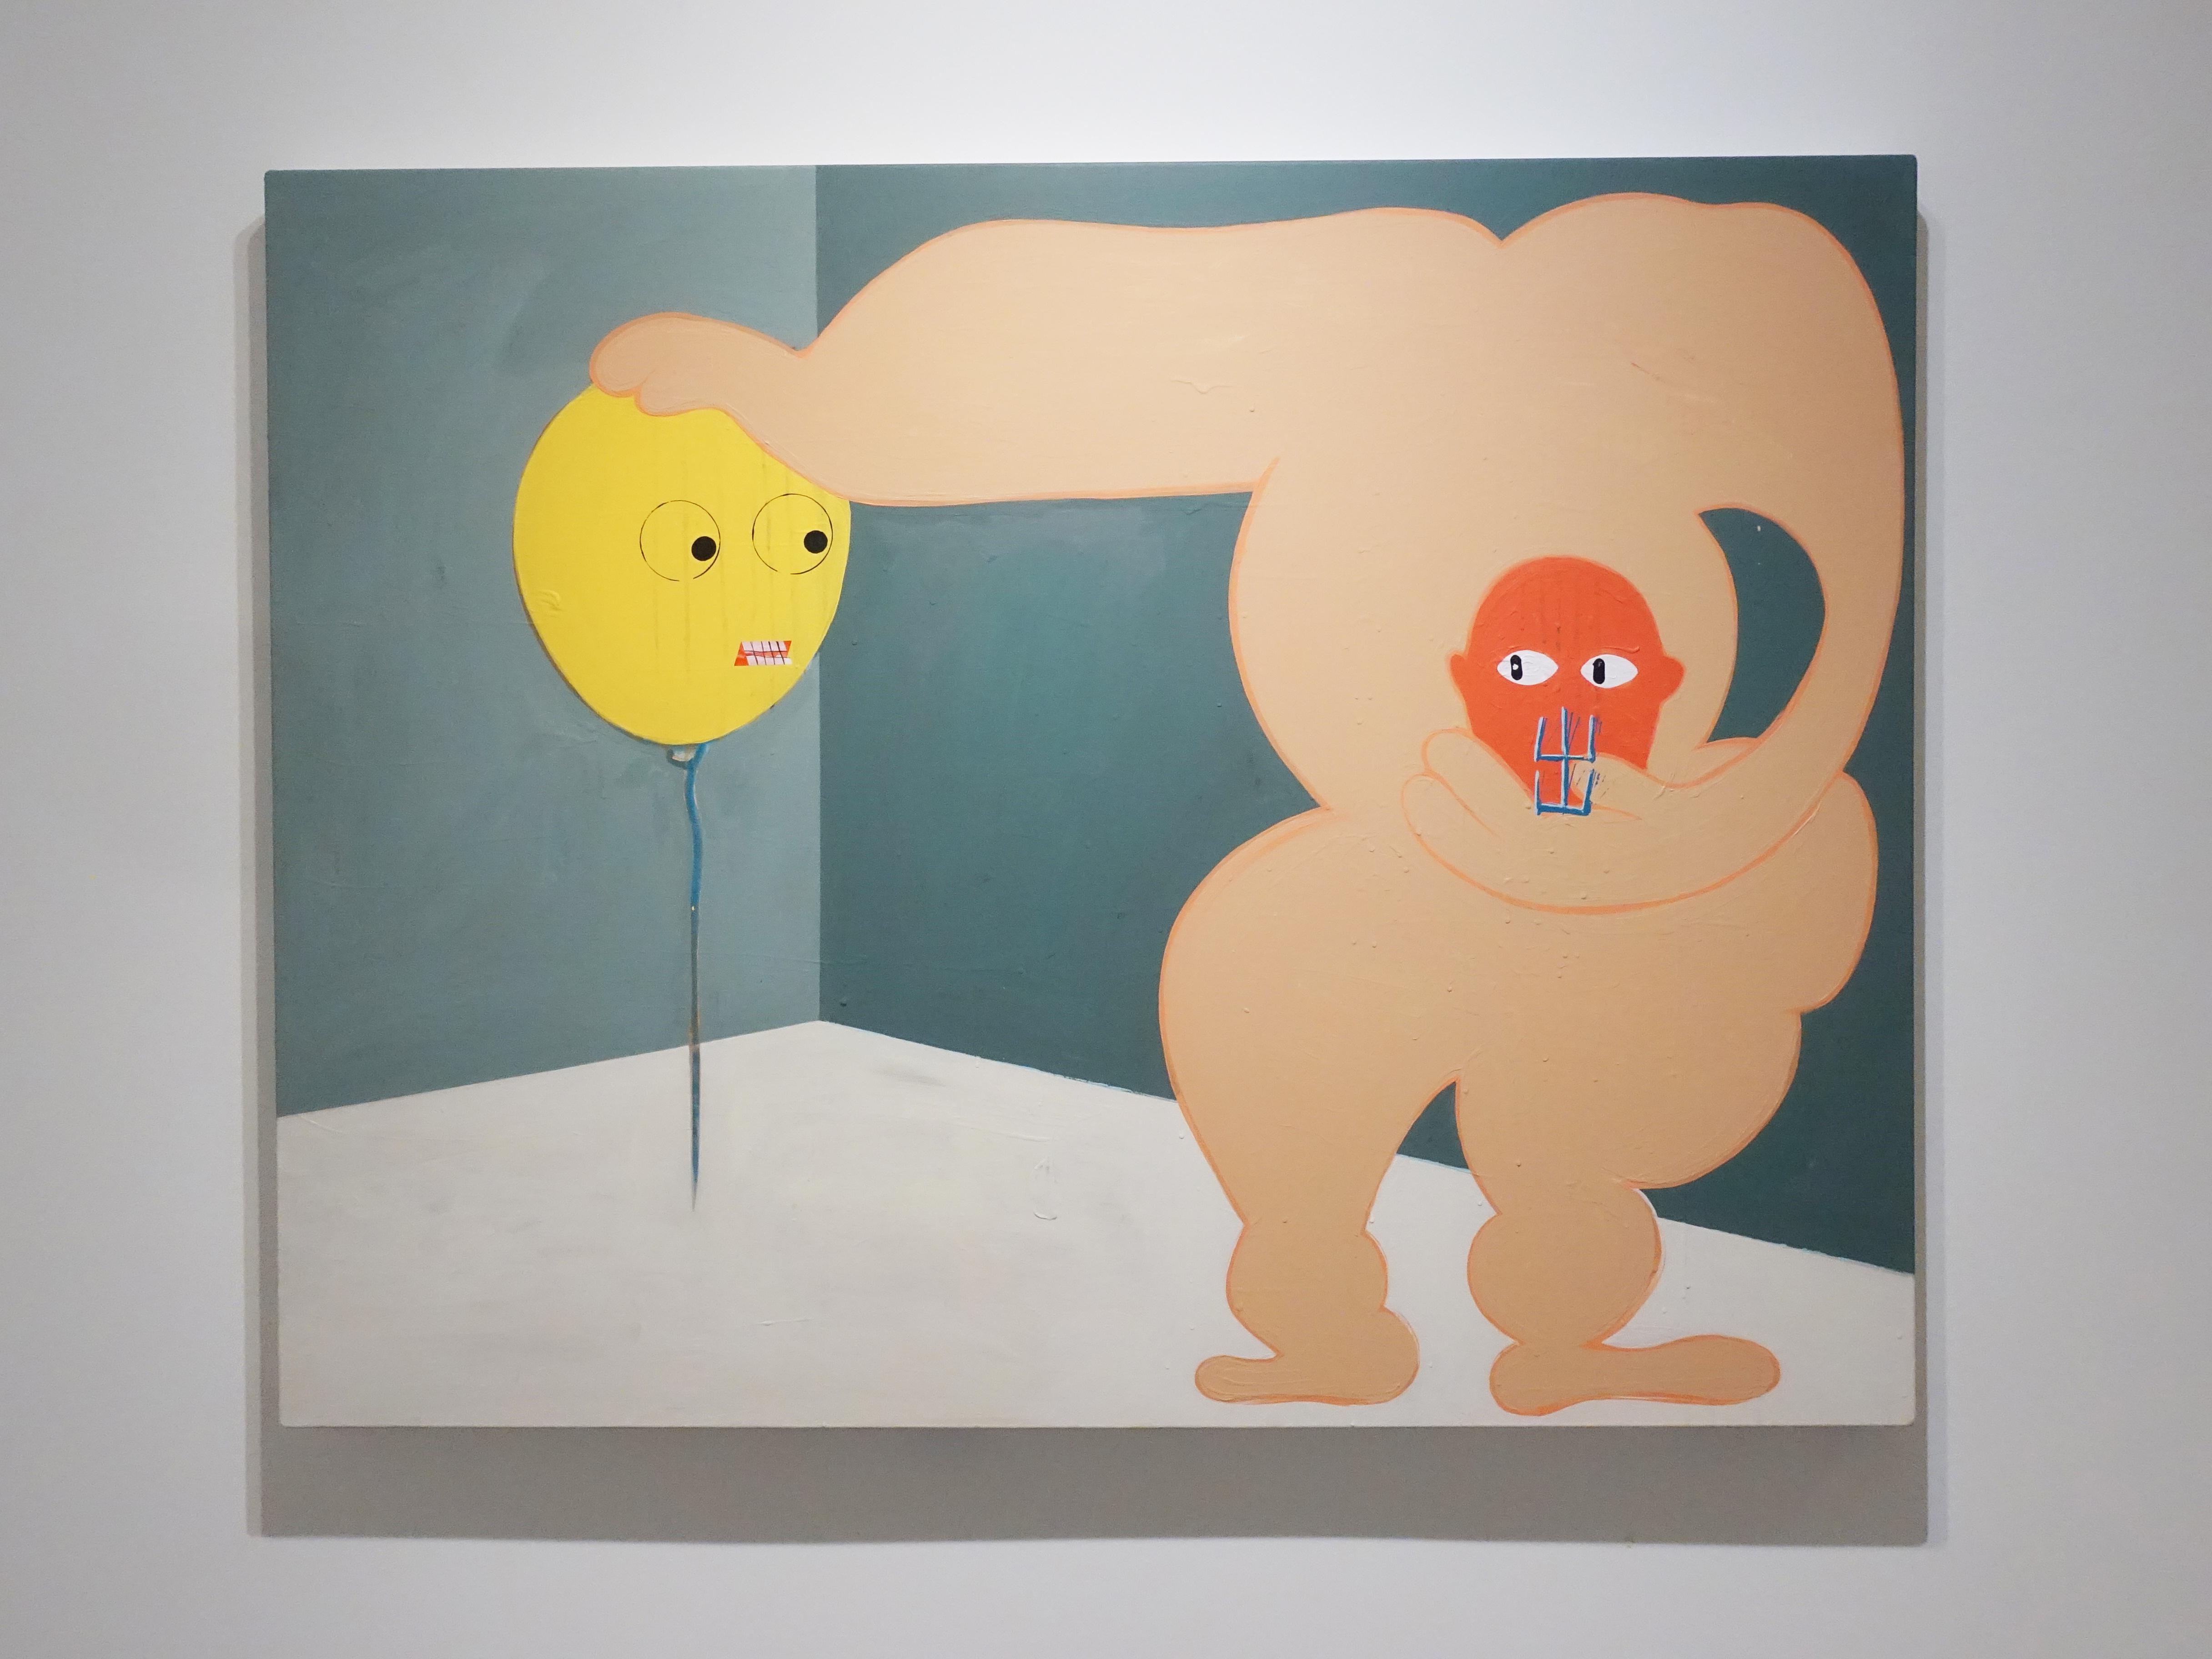 蕭筑方,《不不要過來》,壓克力顏料、畫布,2019。